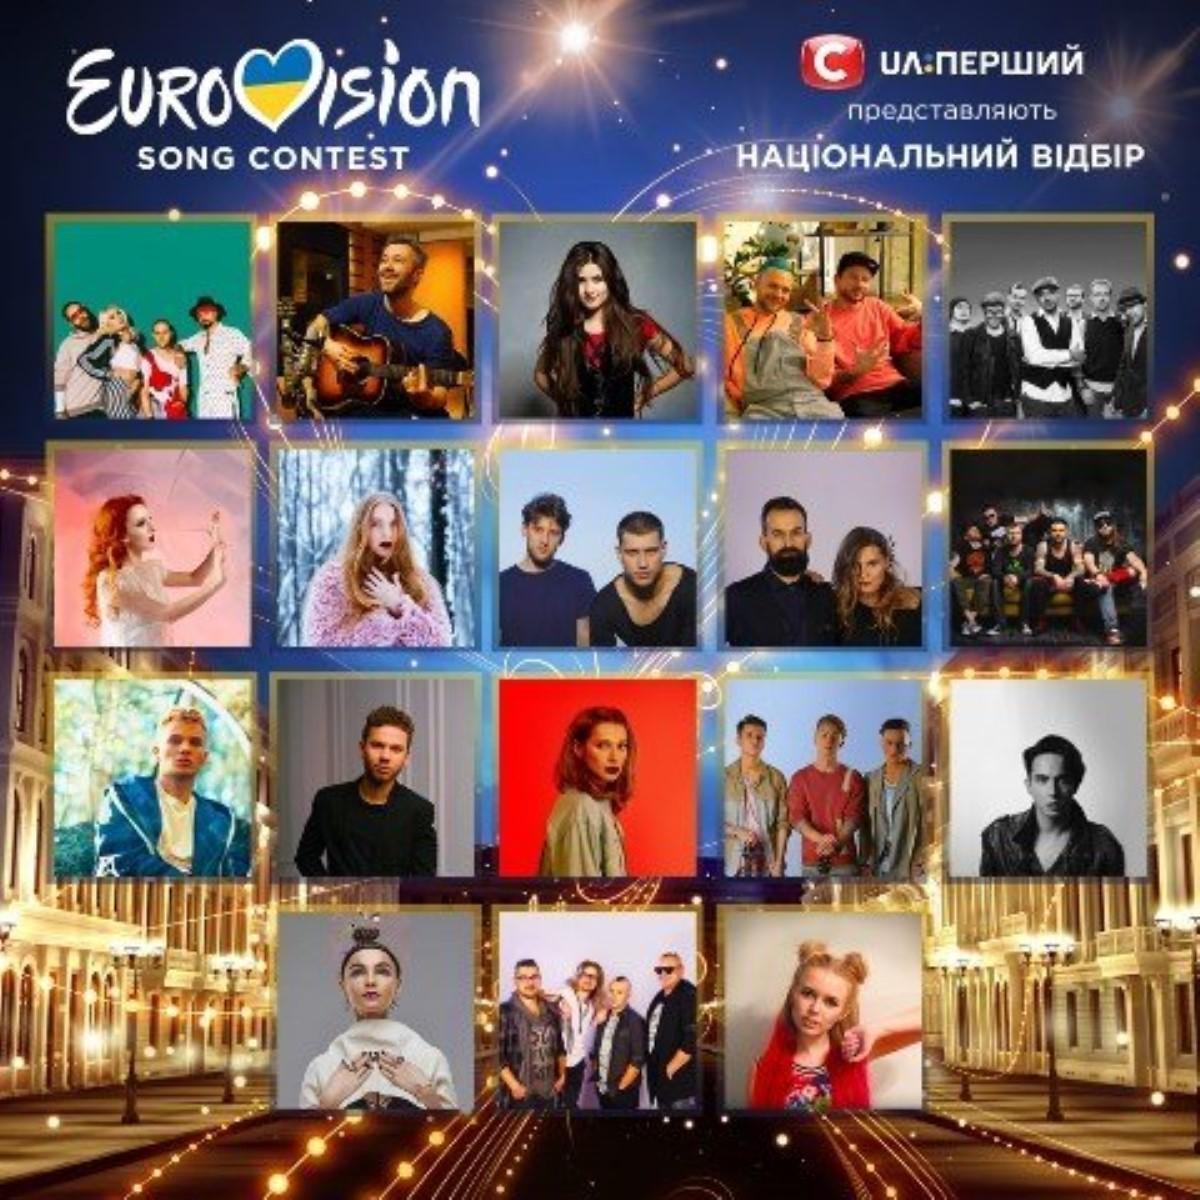 Евровидение: внацотборе Украины примут участие 18 исполнителей